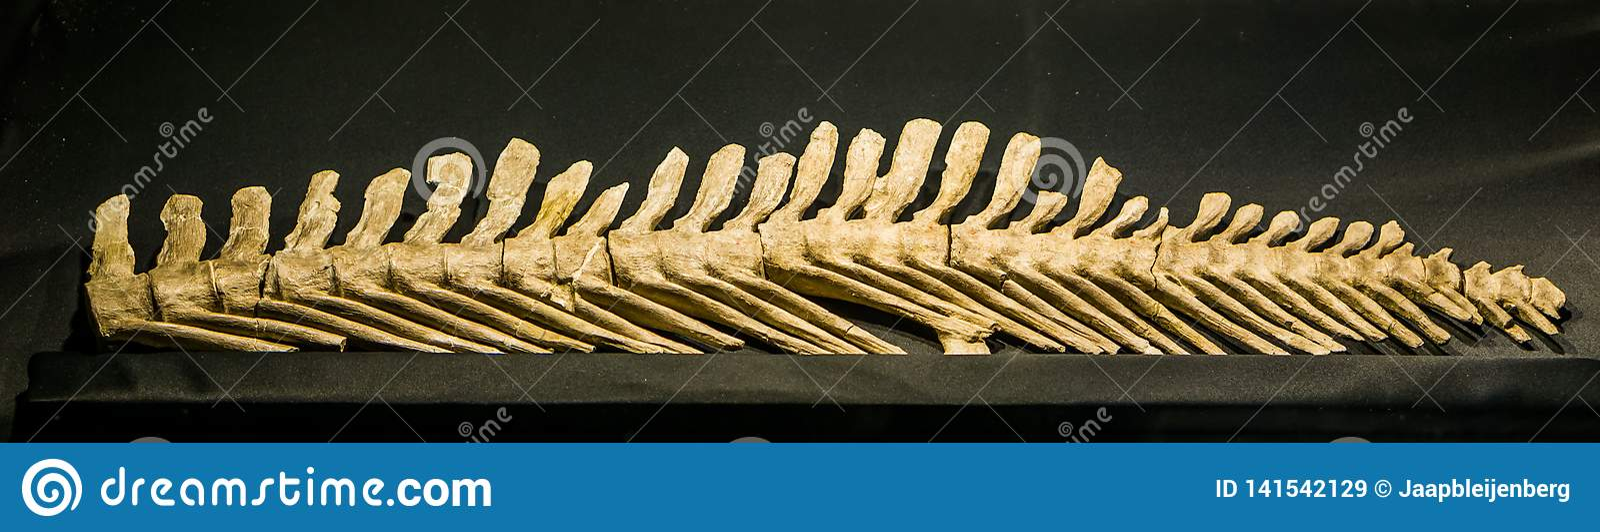 Der hintere Dorn eines ausgestorbenen mosasaurus lemonnieri, eine Wassereidechse, die während des kreidigen Zeitraums in Europa u